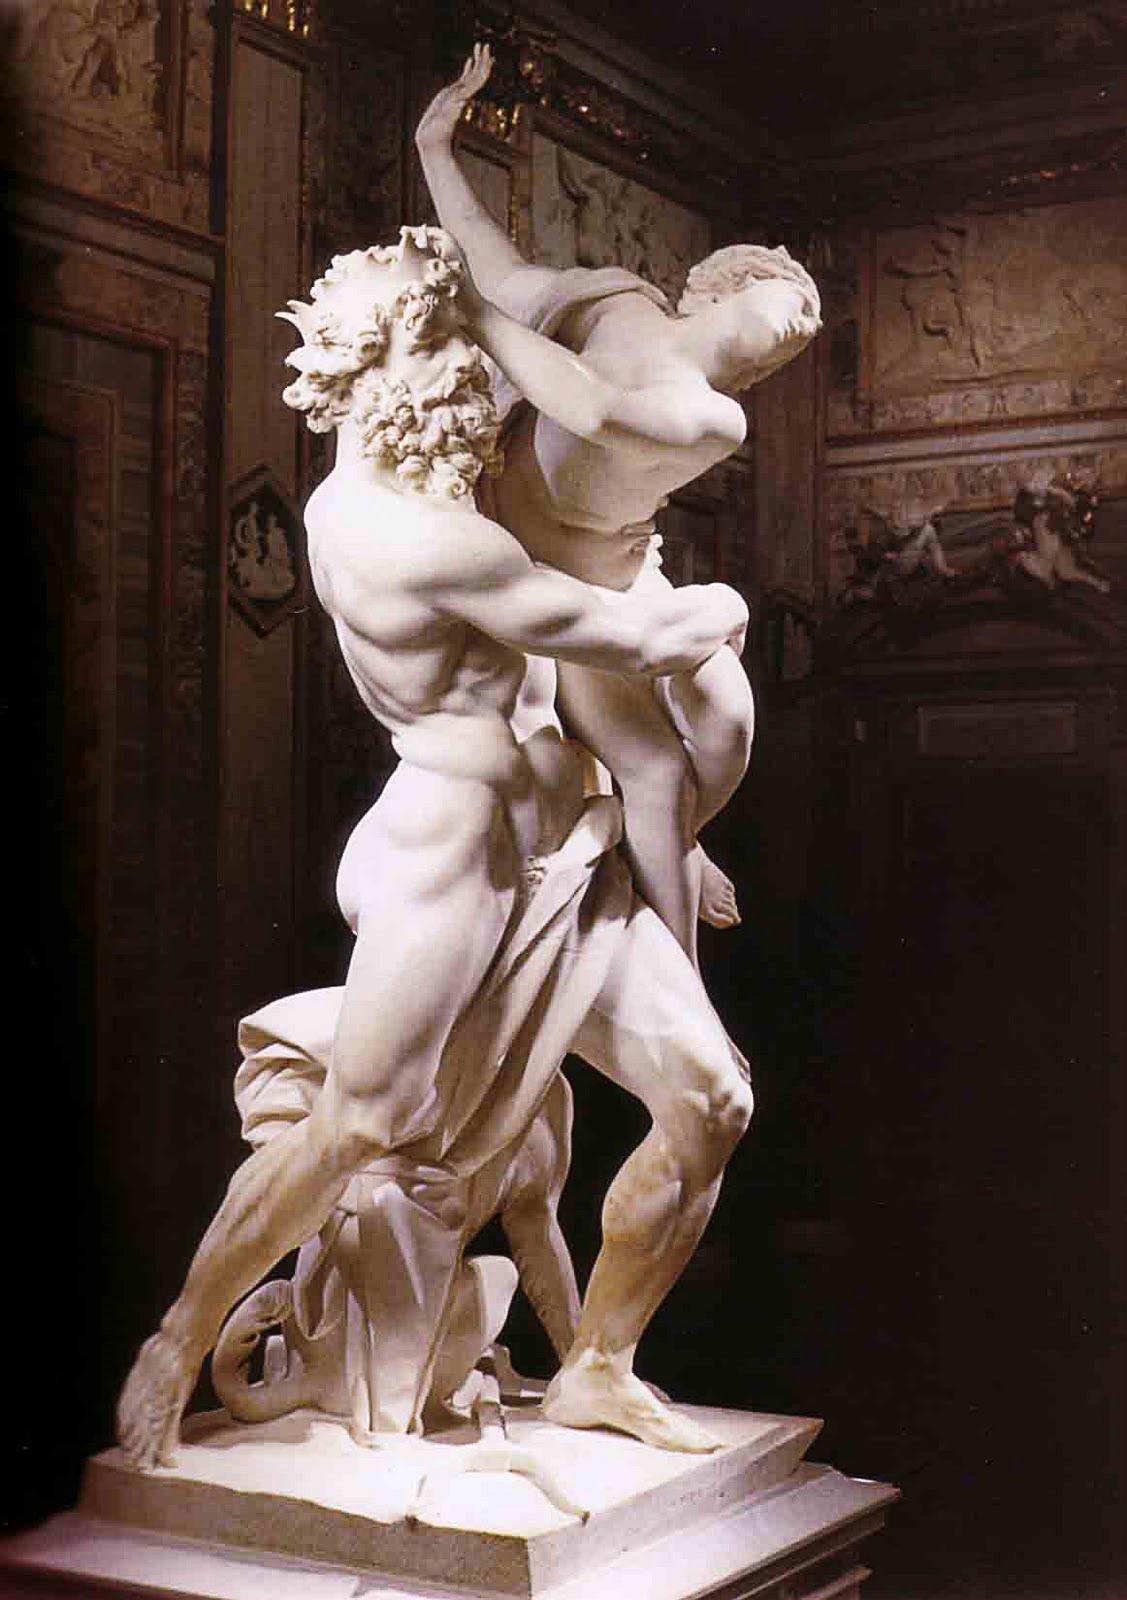 Скульптура_Джан-Лоренцо-Бернини_Похищение-Прозерпины-1621-22_01.jpg